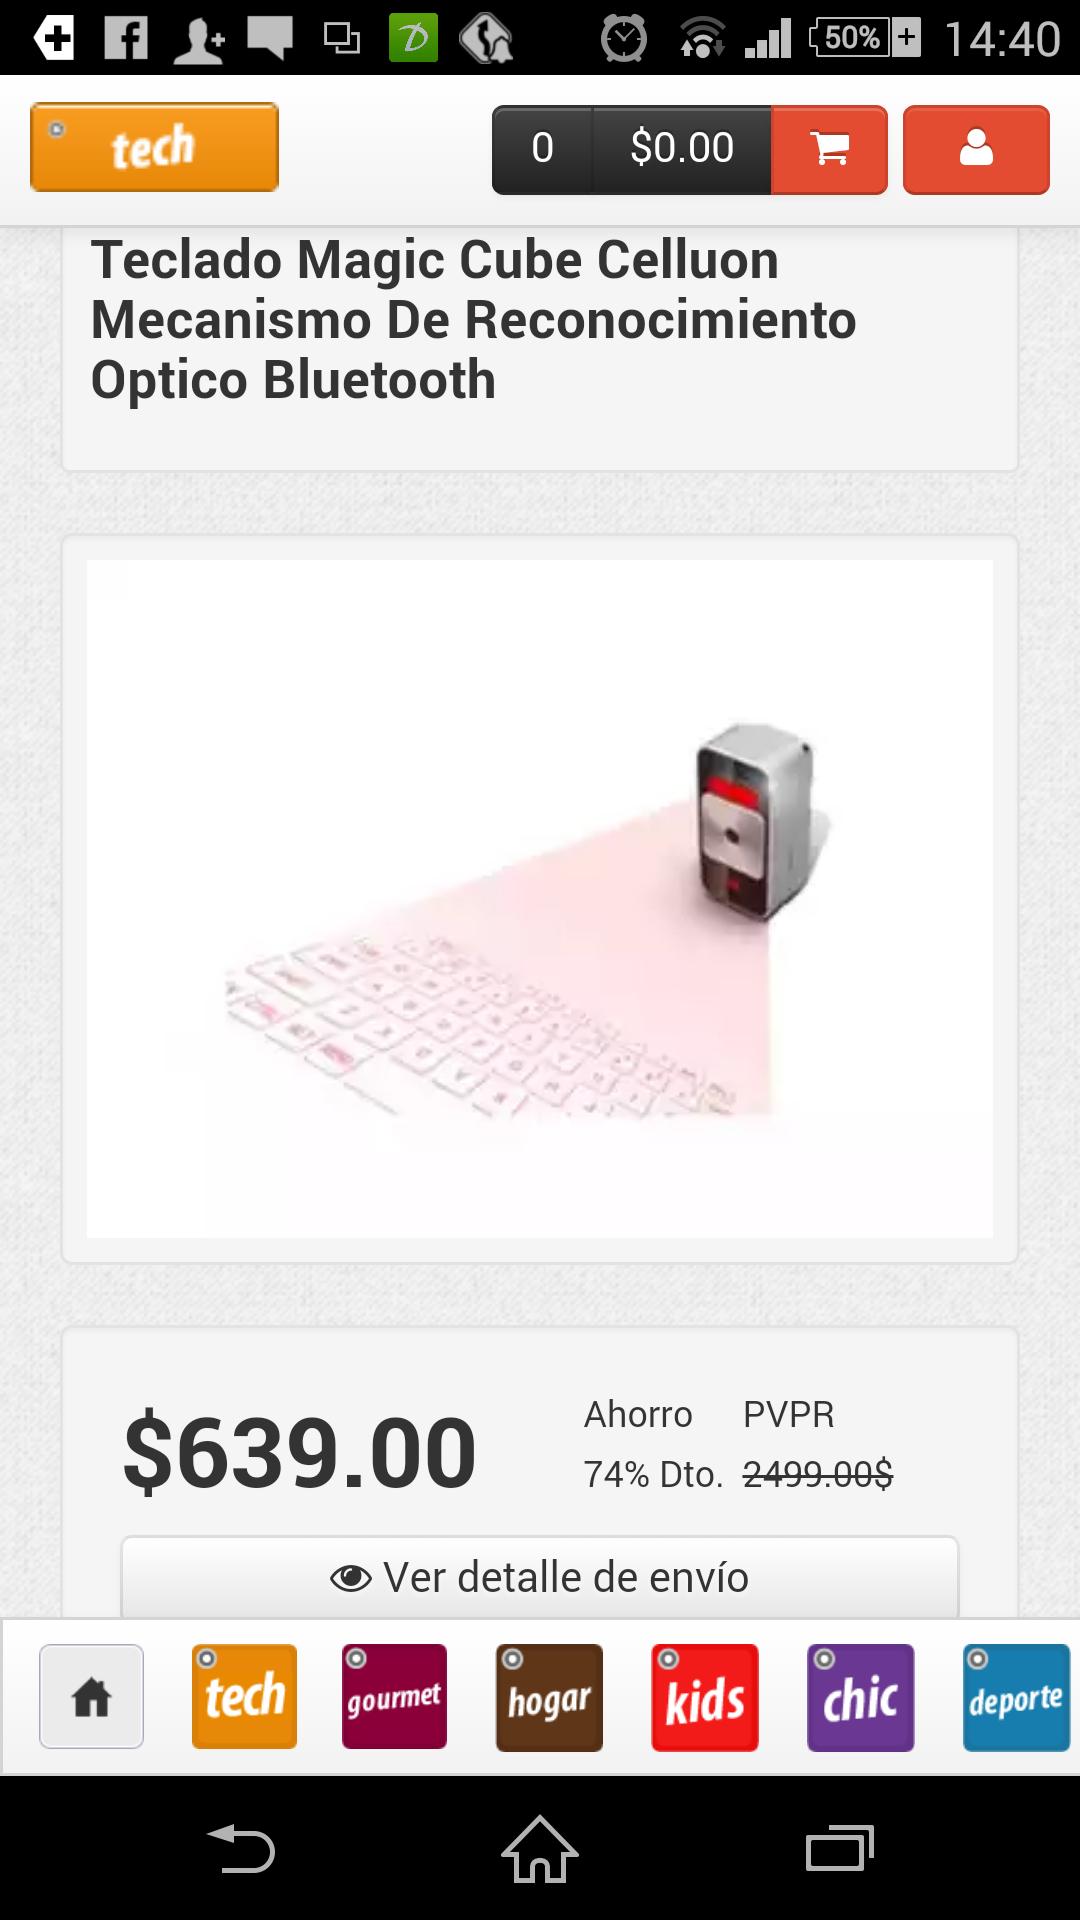 MeQuedoUno: Teclado digital a $639 y más